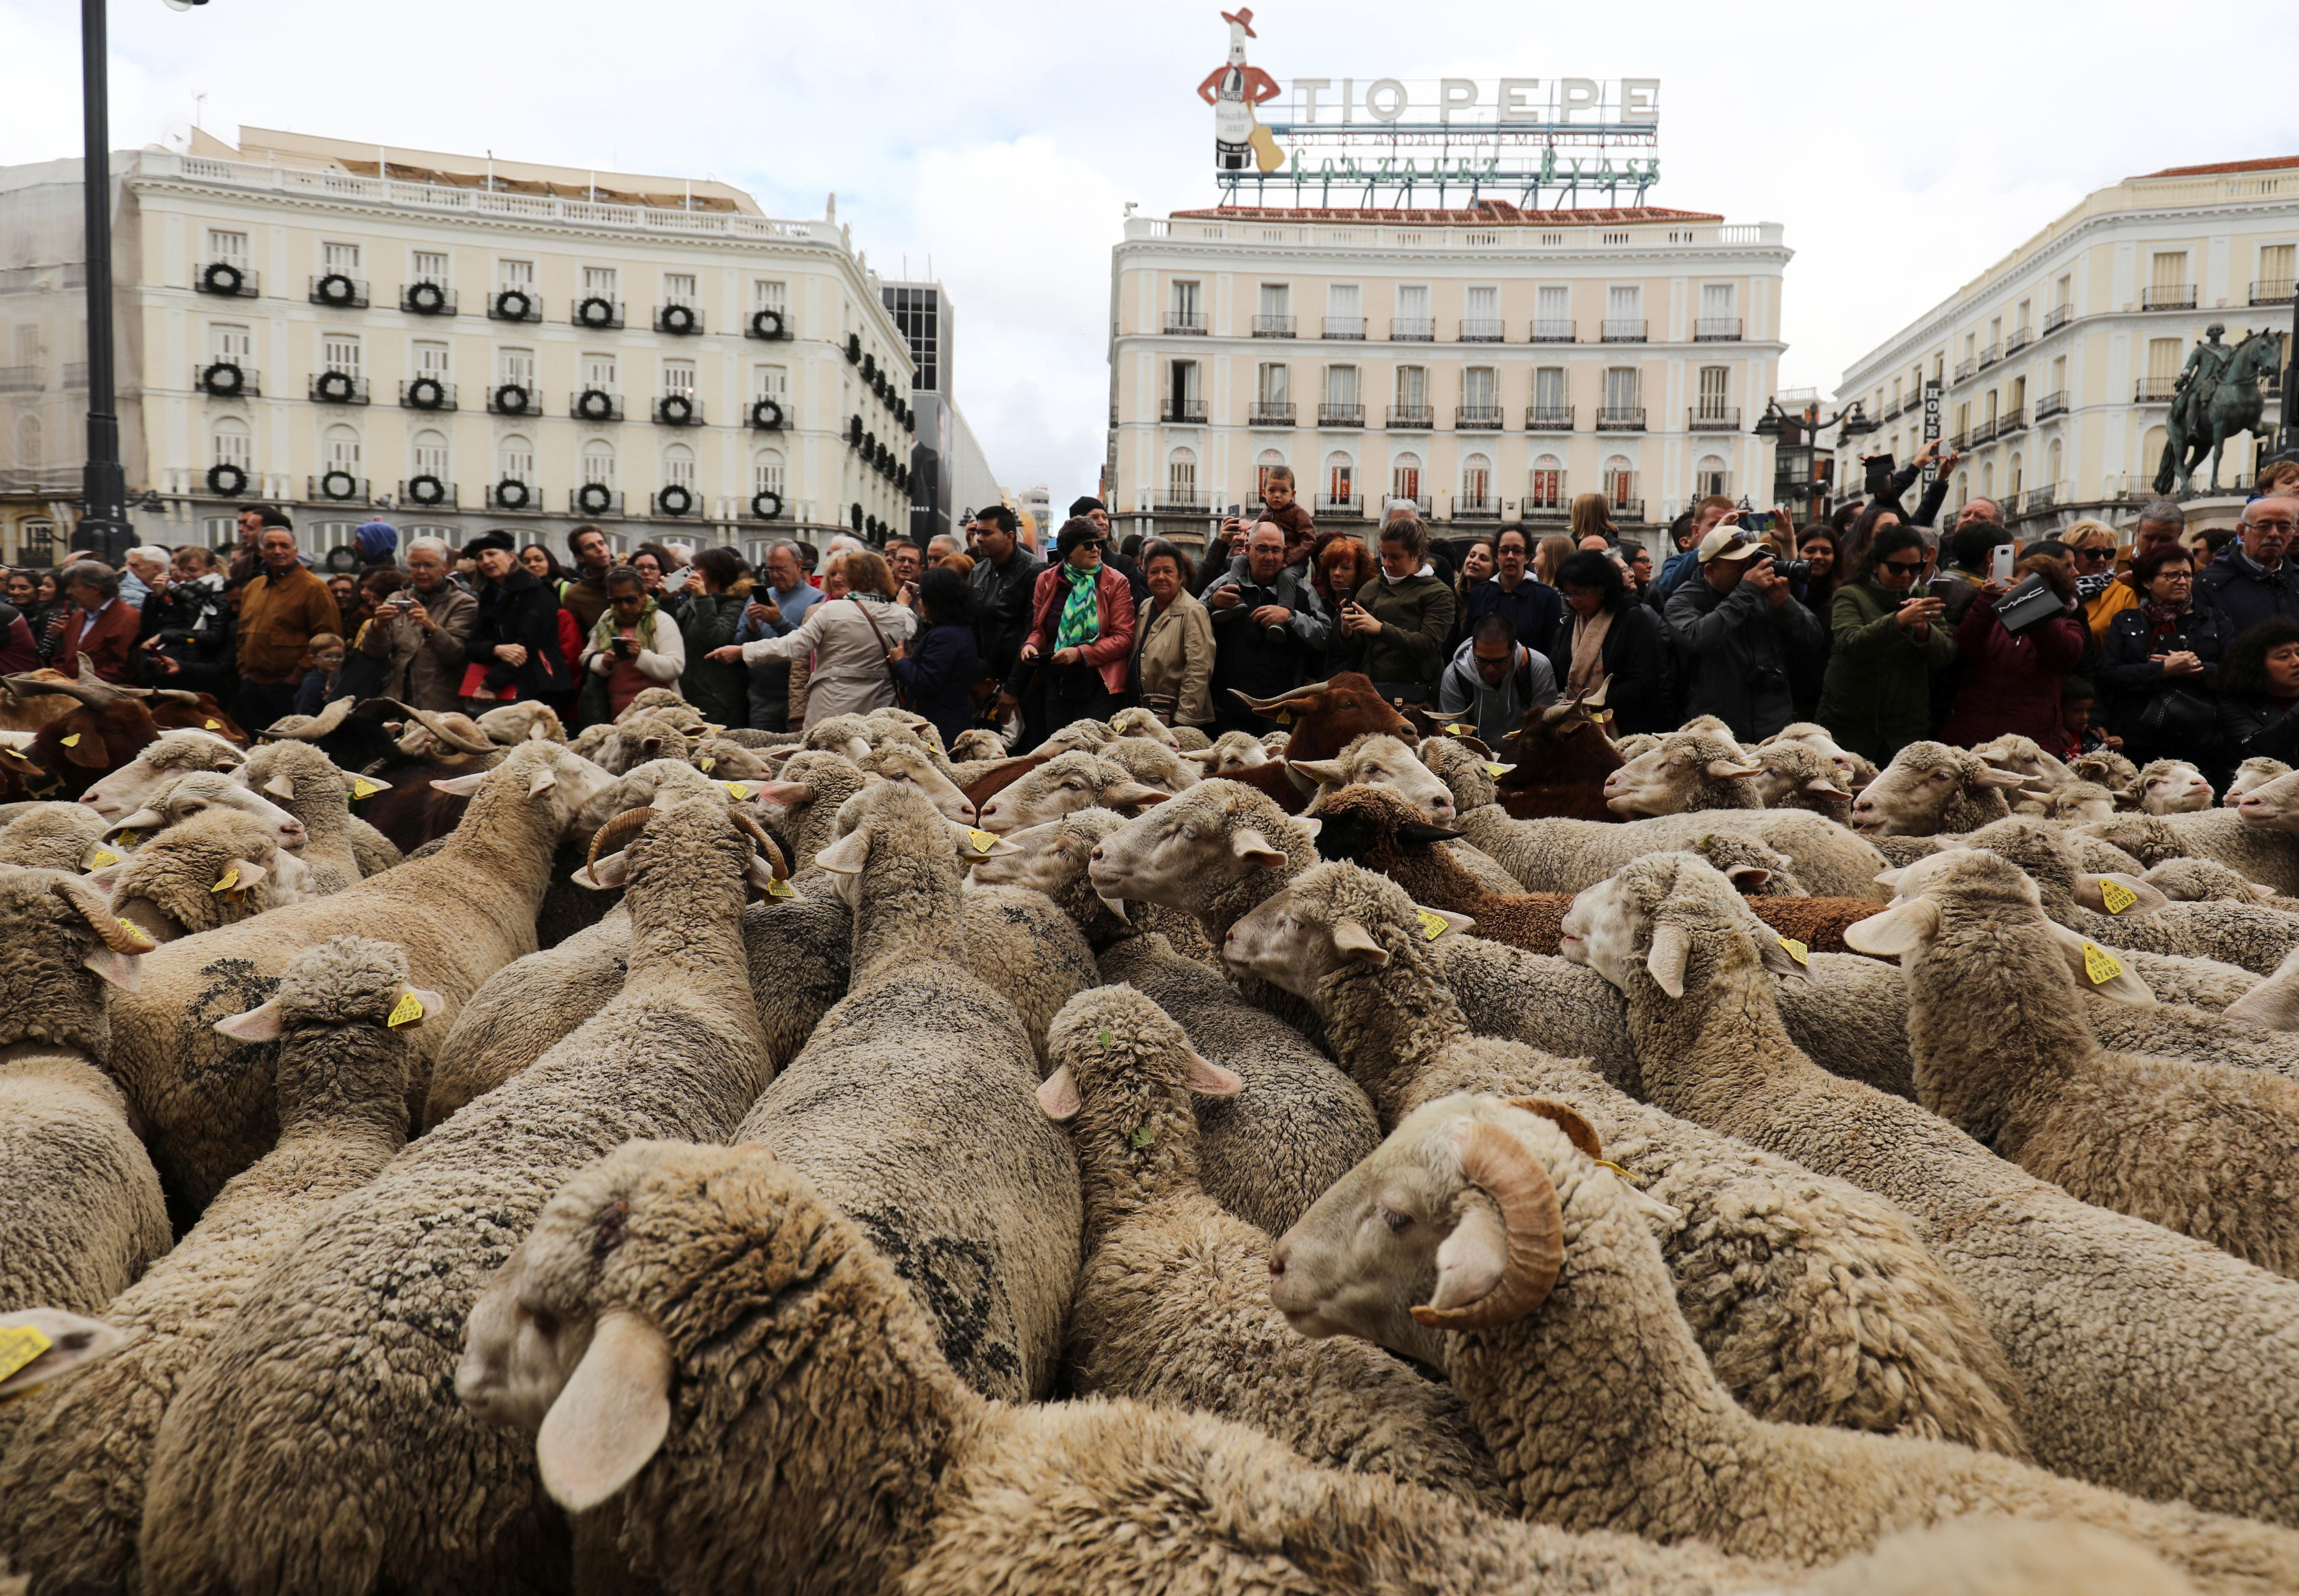 Pastores levam 2 mil ovelhas para o centro de Madri - Notícias - Plantão Diário